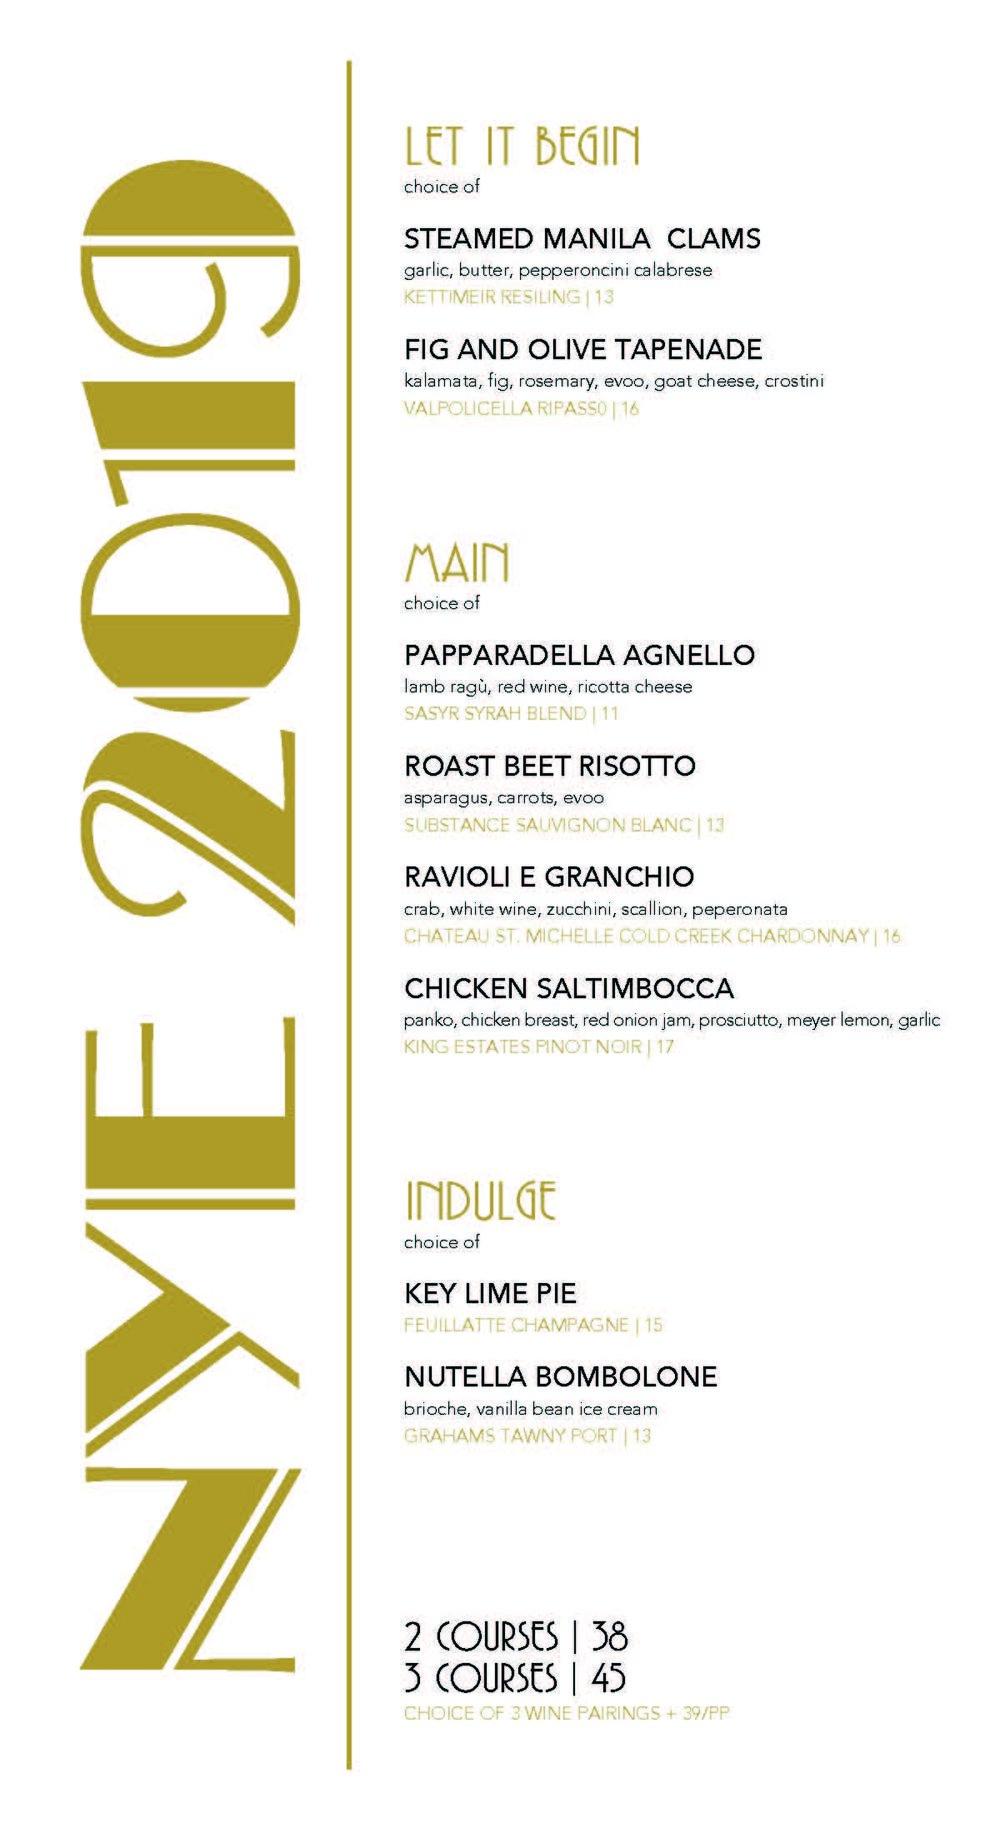 Lucai_NYE_menu_12.14.18.jpg